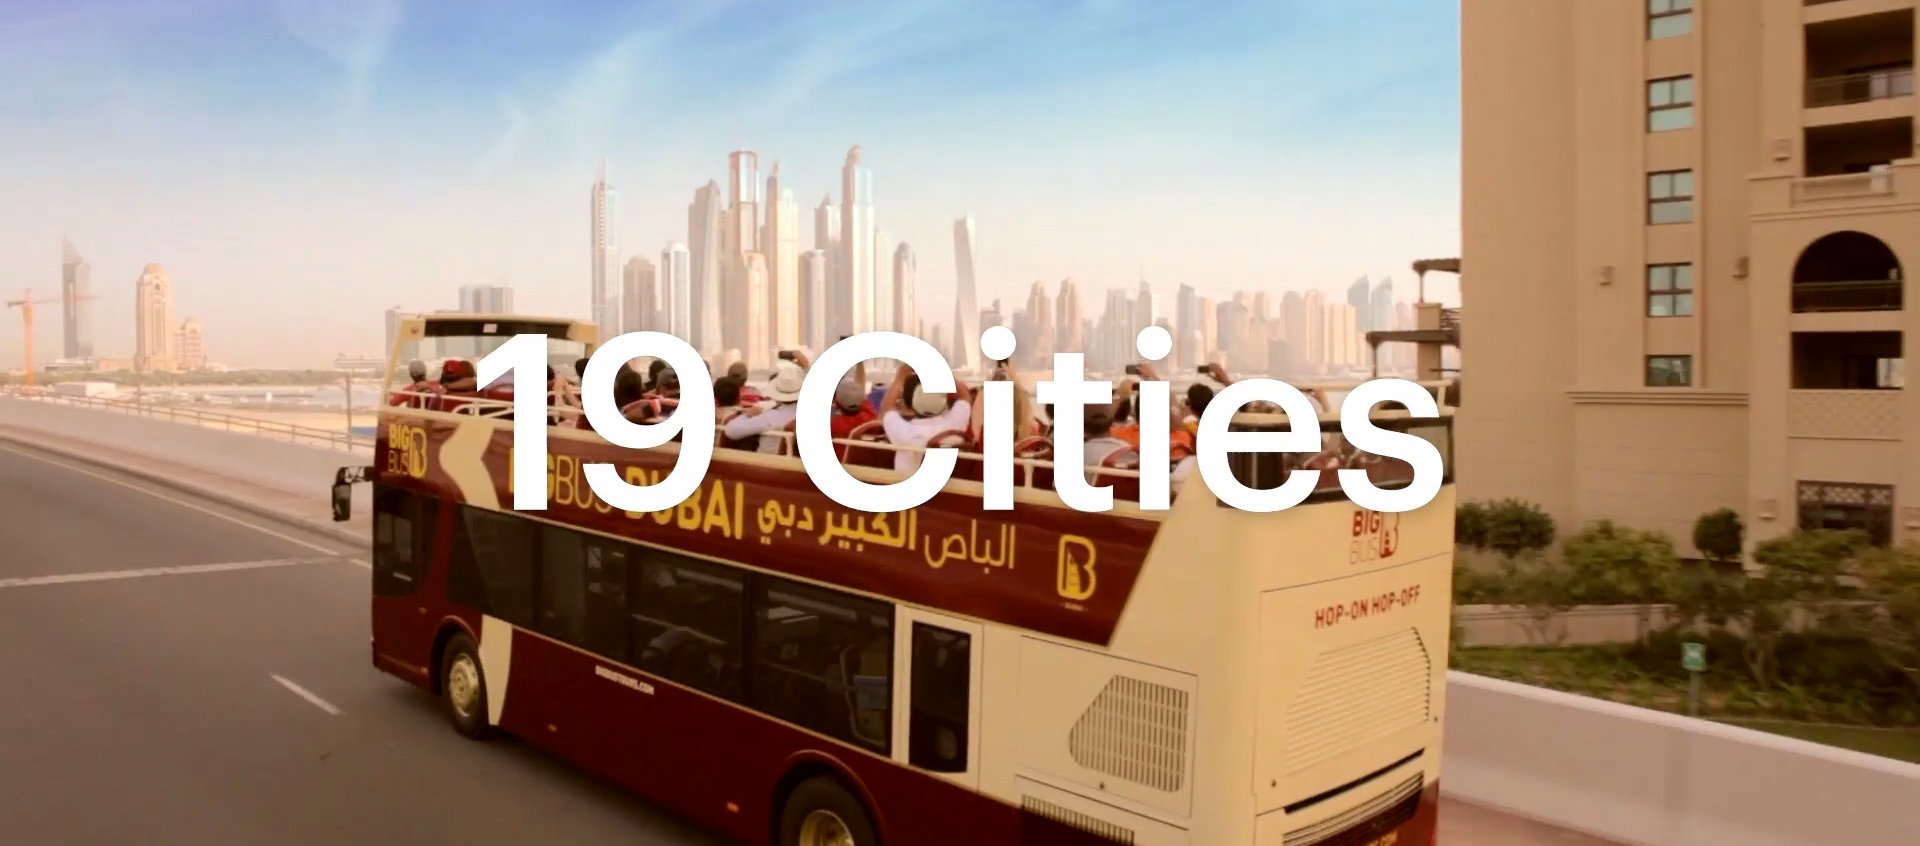 Magegento webáruház Big Bus 19 városban